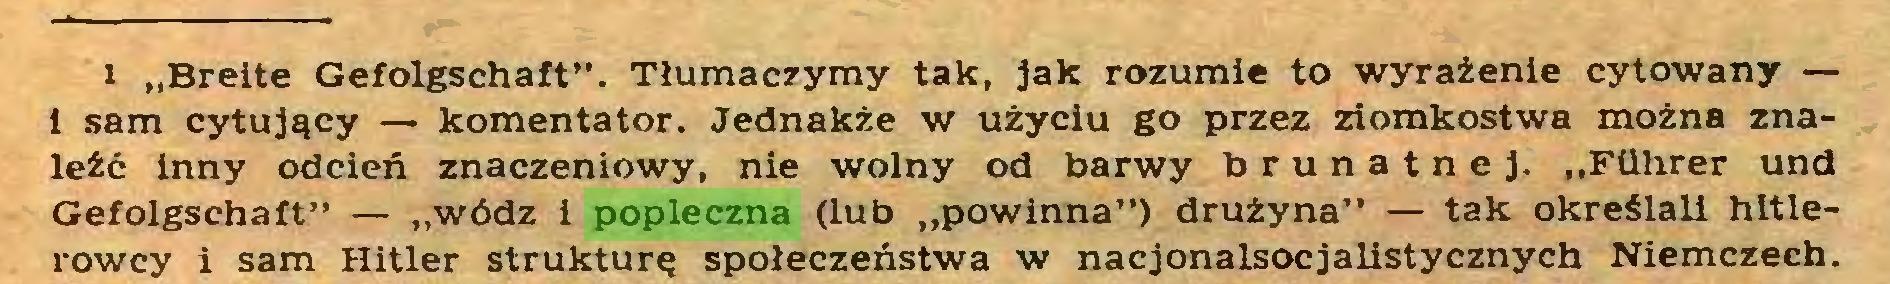 """(...) ii """"Breite Gefolgschaft"""". Tłumaczymy tak, jak rozumie to wyrażenie cytowany — 1 sam cytujący — komentator. Jednakże w użyciu go przez ziomkostwa można znaleźć inny odcień znaczeniowy, nie wolny od barwy brunatnej. """"Führer und Gefolgschaft"""" — """"wódz i popleczna (lub """"powinna"""") drużyna"""" — tak określali hitlerowcy i sam Hitler strukturę społeczeństwa w nacjonalsocjalistycznych Niemczech..."""